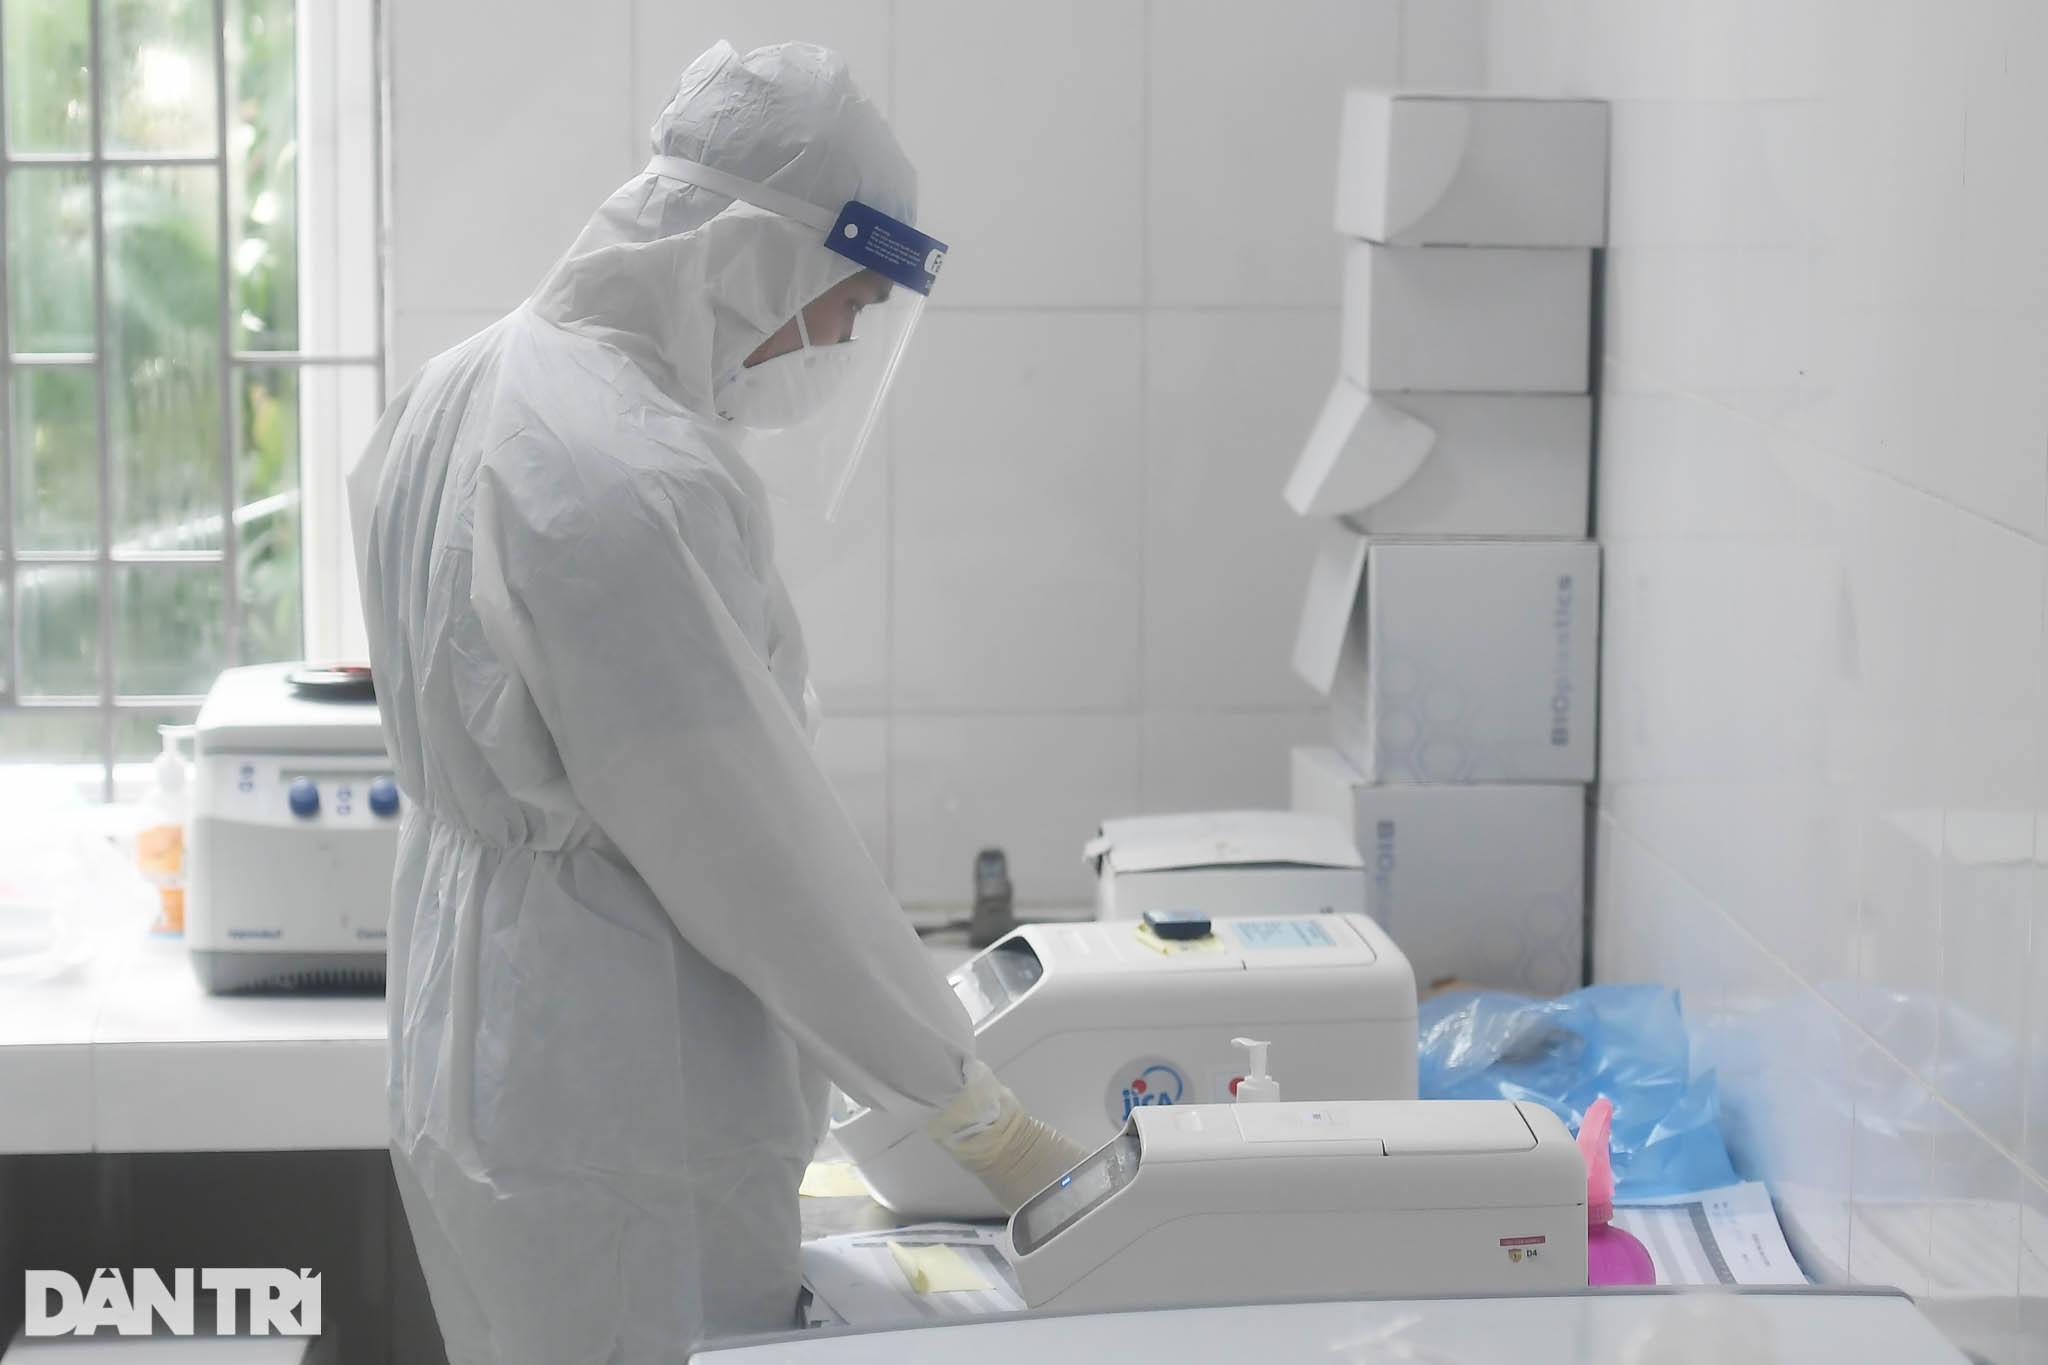 Cận cảnh khu xét nghiệm lớn nhất Việt Nam, cao điểm xử lý 20.000 mẫu/ngày - 19